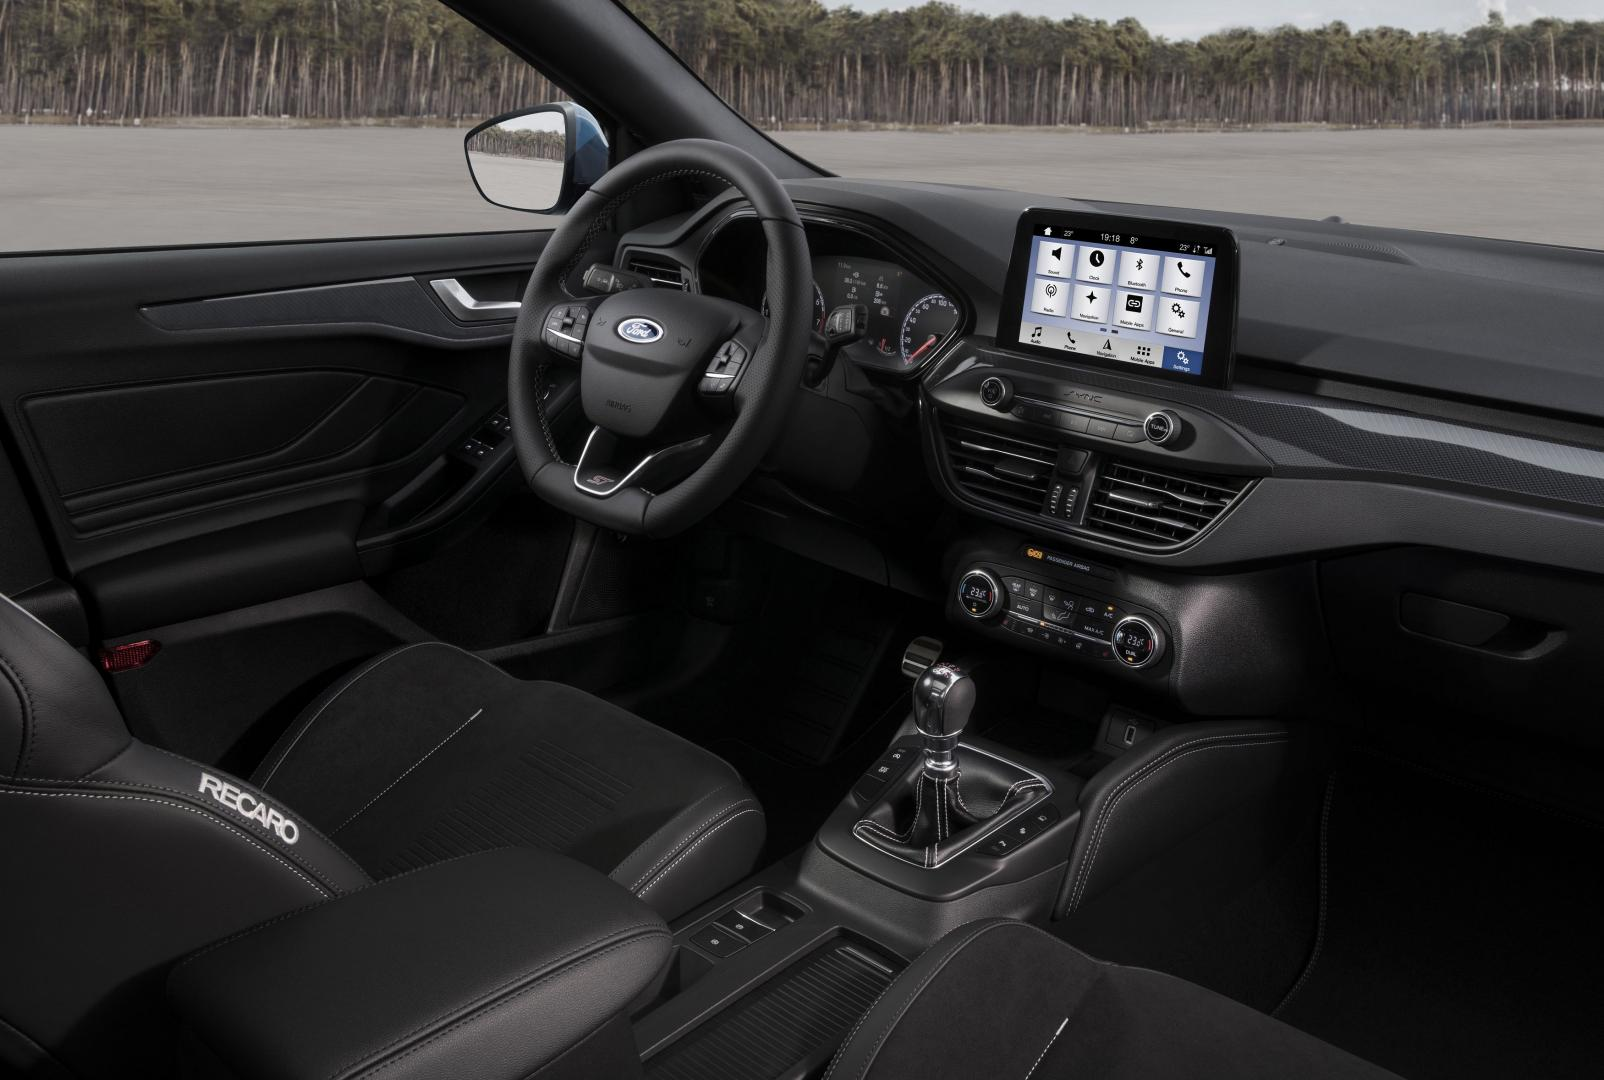 Ford Focus ST Wagon 2019 dashboard navigatie